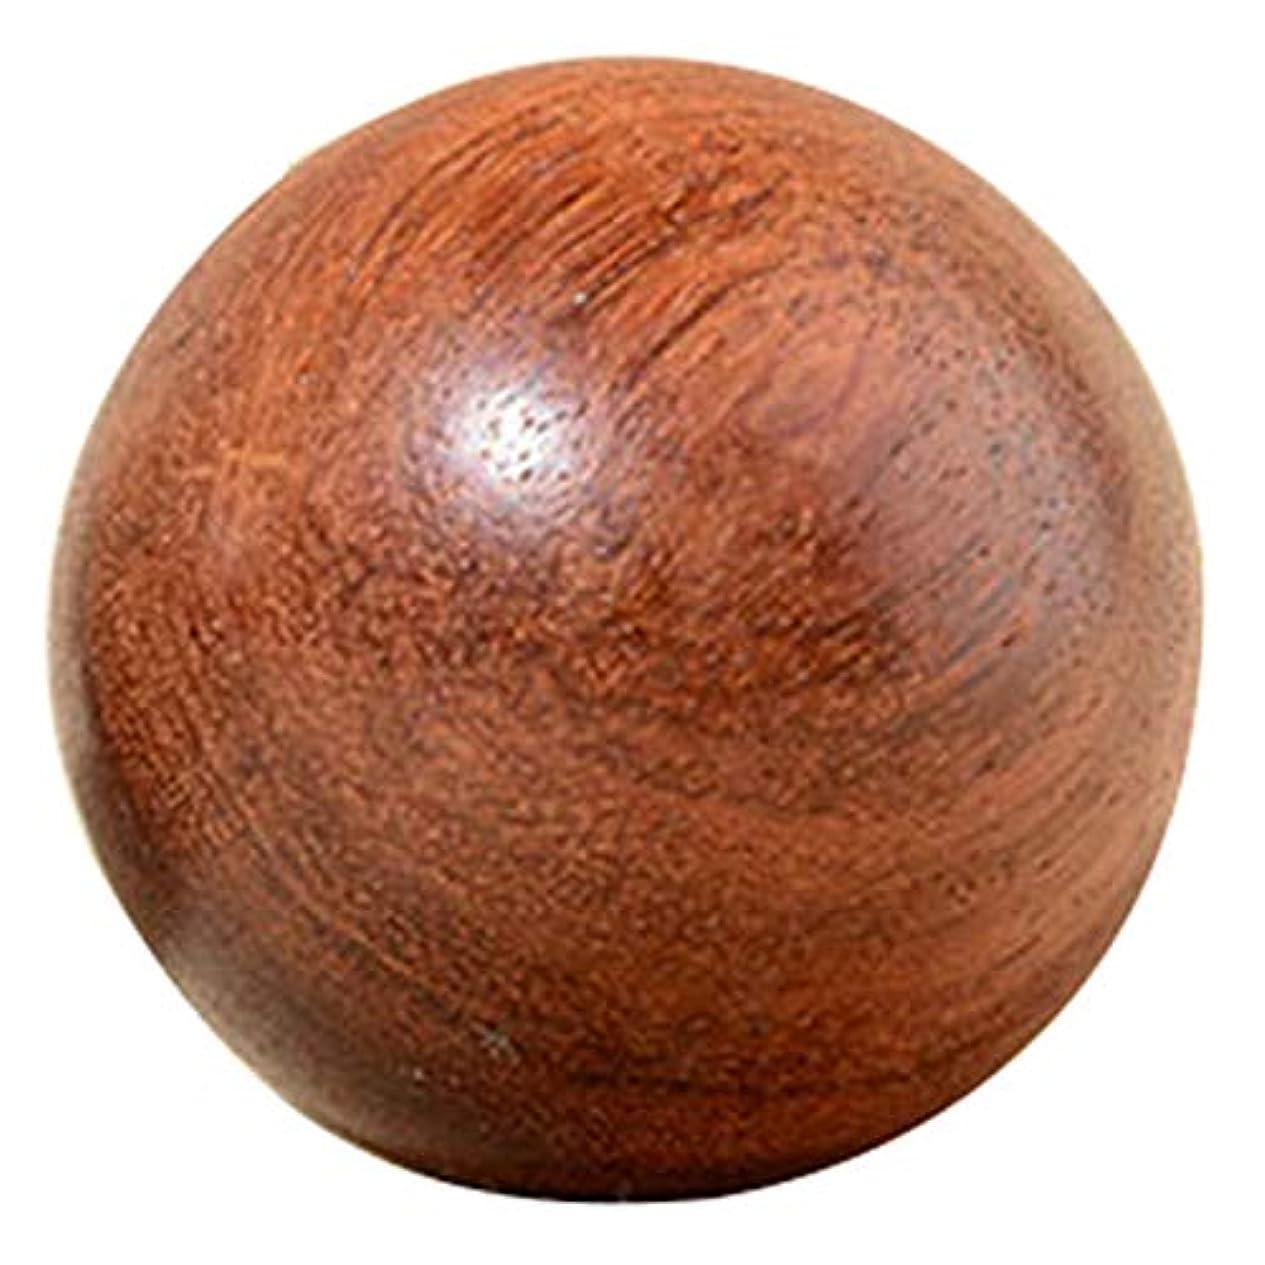 タッチ植物学者ラジカルACAMPTAR 5Cm 木製圧力Baodingボール、健康運動用ハンドボール、指のマッサージ、中国健康瞑想リラクゼーション療法